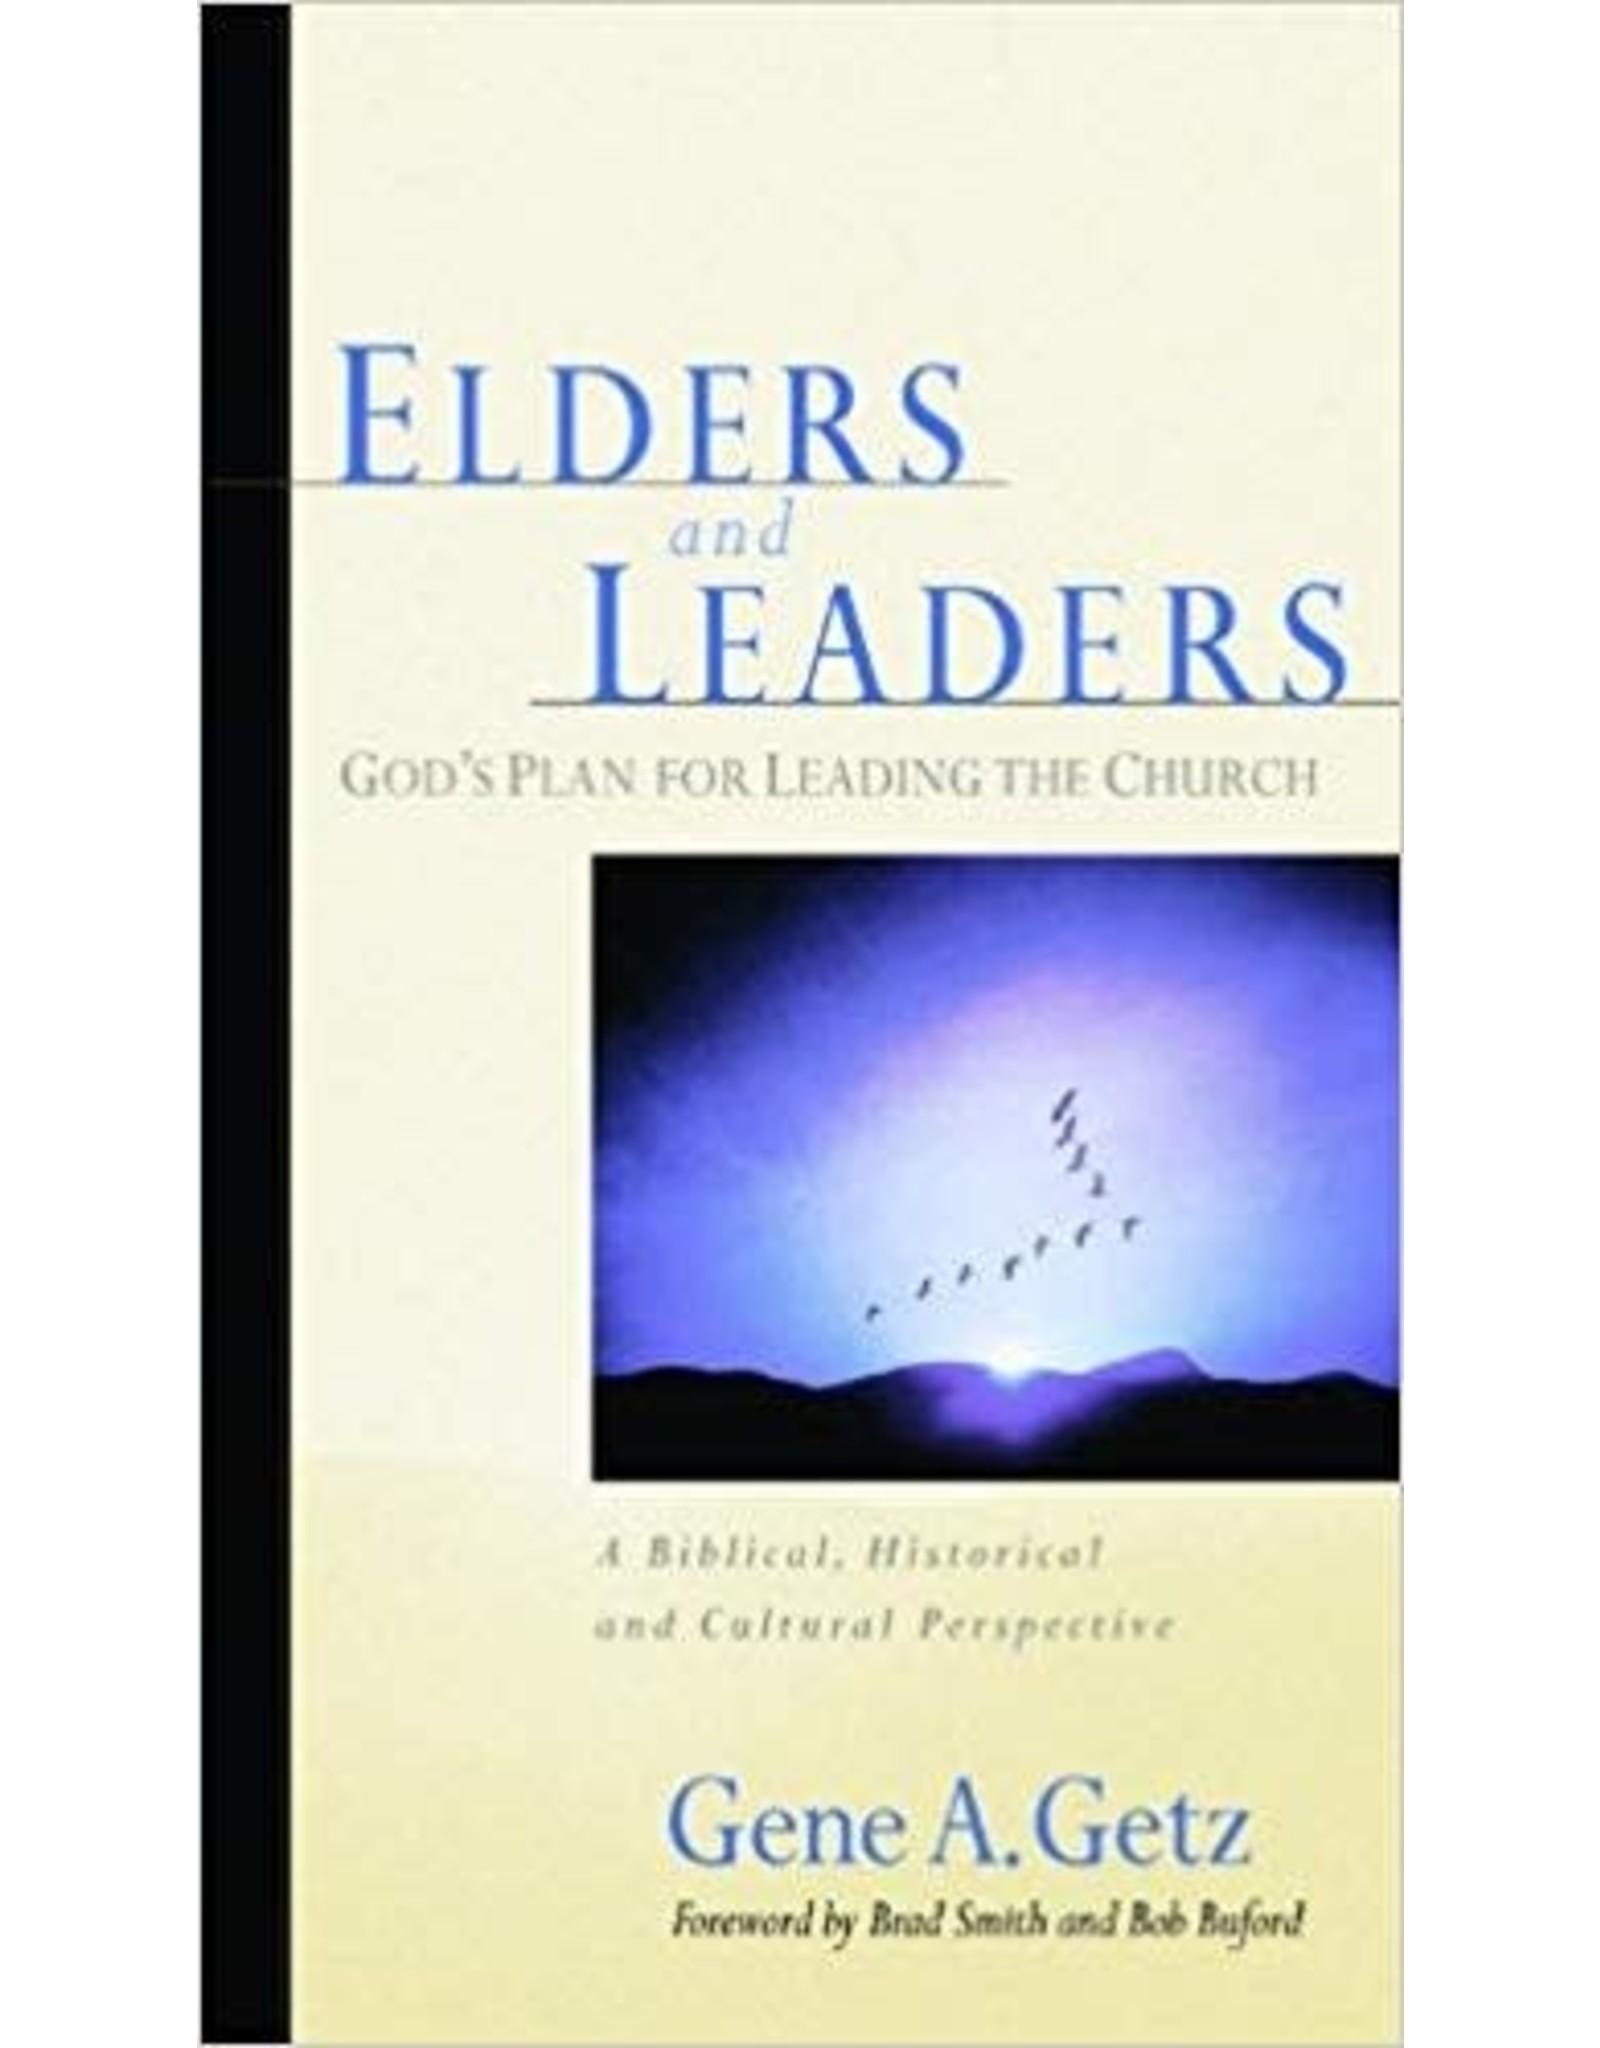 Getz Elders and Leaders